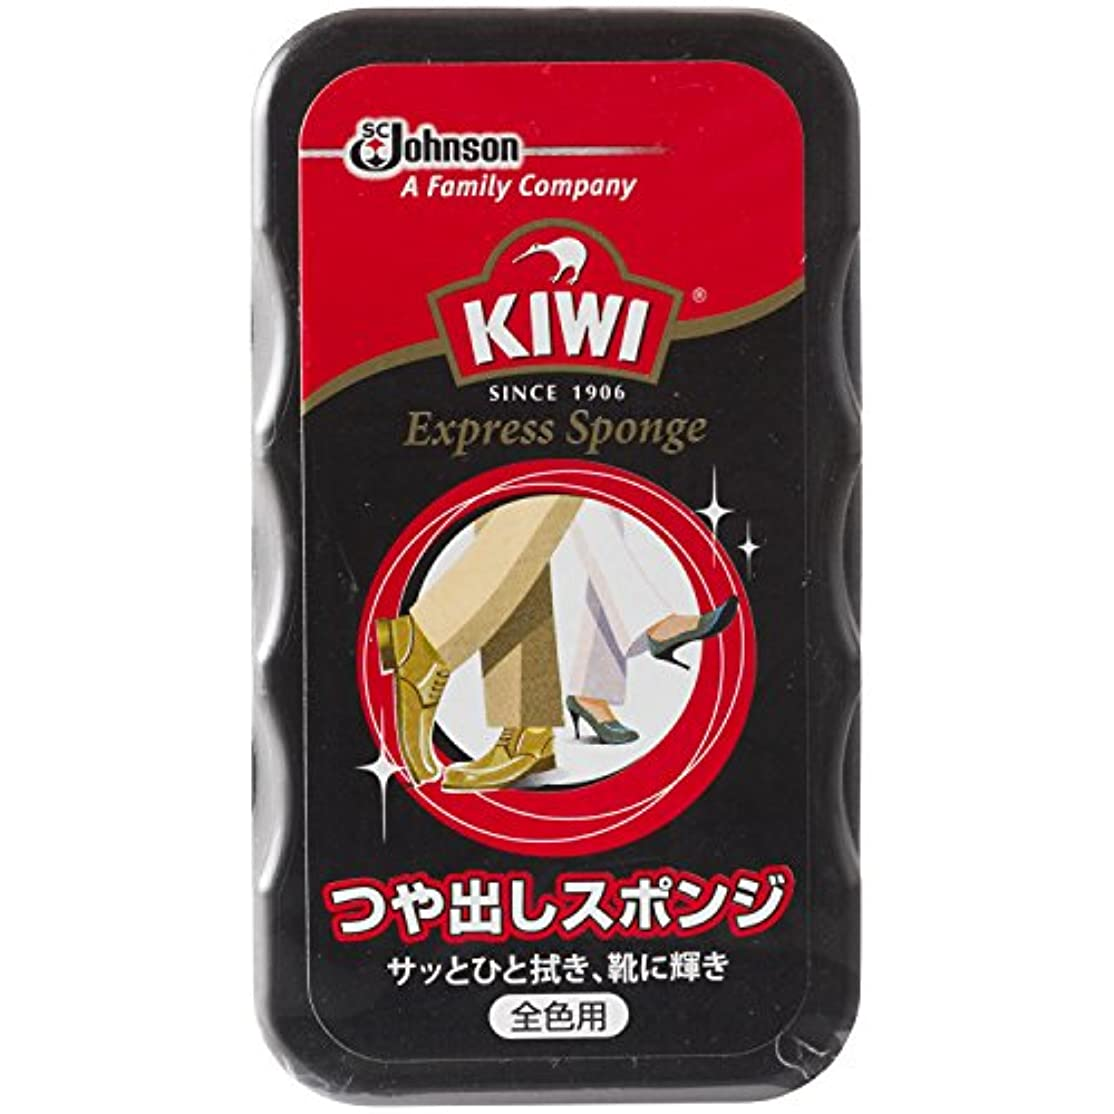 キャプテンブライエトナ山噛むKIWI(キィウィ) 革用つや出し剤 エクスプレスつや出しスポンジ 全色用 7ml